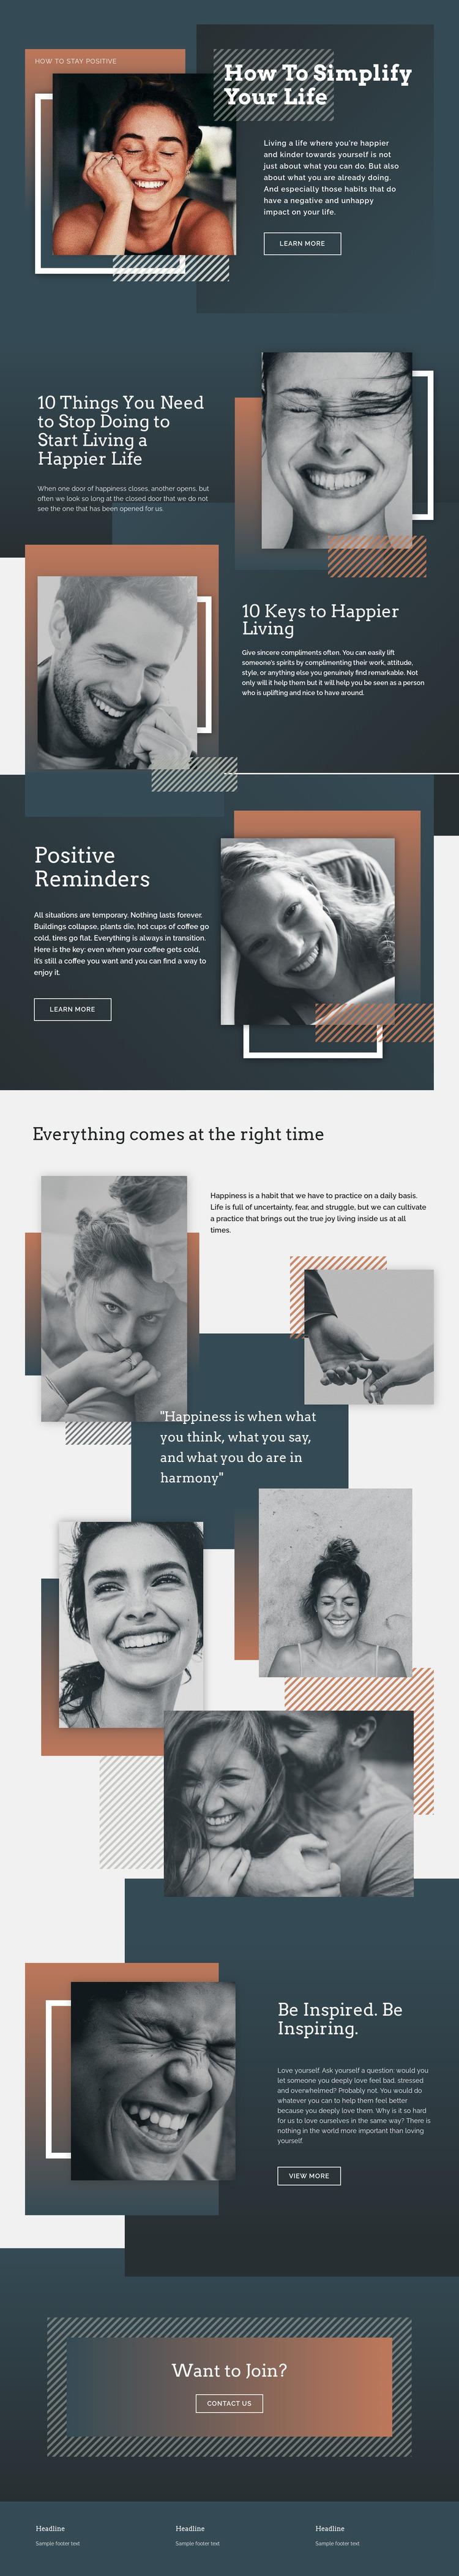 Make your life lighter Website Mockup